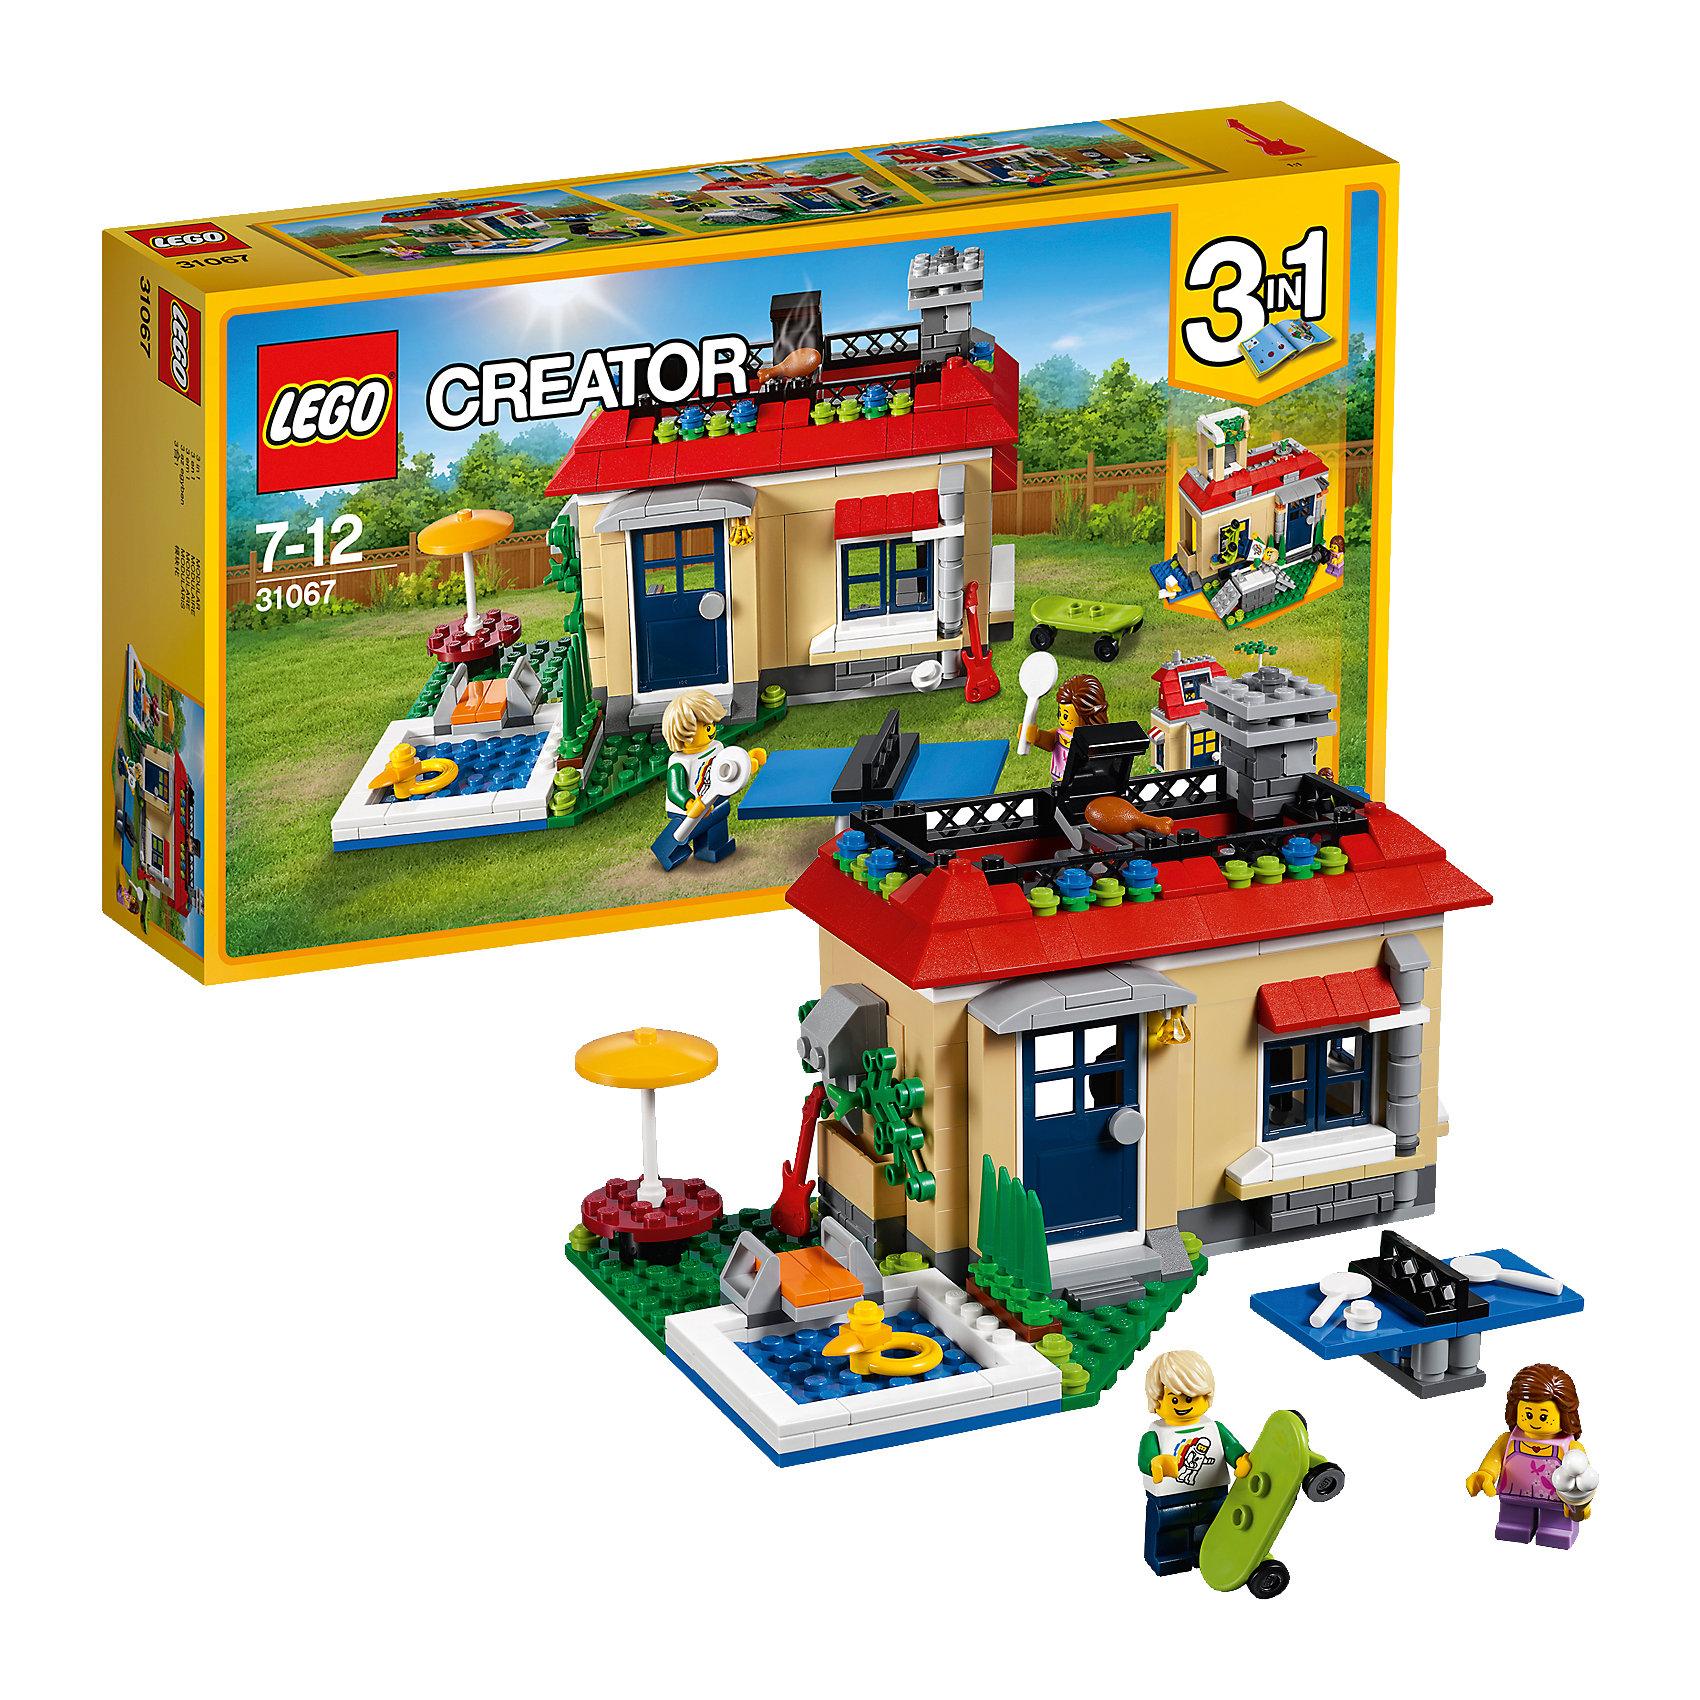 LEGO Creator 31067: Вечеринка у бассейнаПластмассовые конструкторы<br><br><br>Ширина мм: 353<br>Глубина мм: 192<br>Высота мм: 73<br>Вес г: 580<br>Возраст от месяцев: 84<br>Возраст до месяцев: 144<br>Пол: Унисекс<br>Возраст: Детский<br>SKU: 5620056